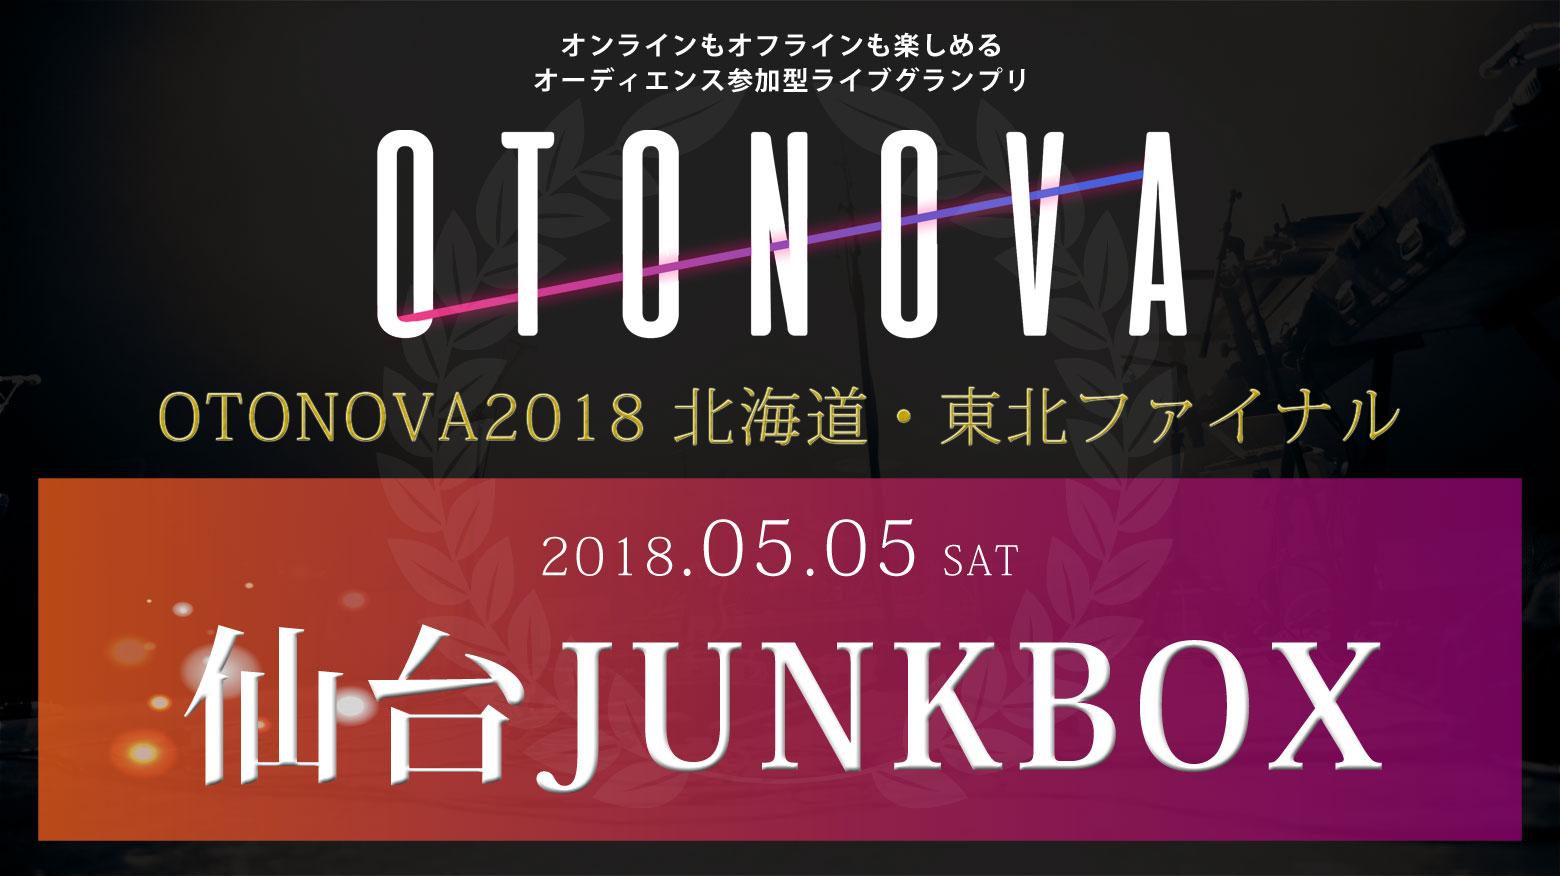 OTONOVA2018「北海道・東北ファイナル 」